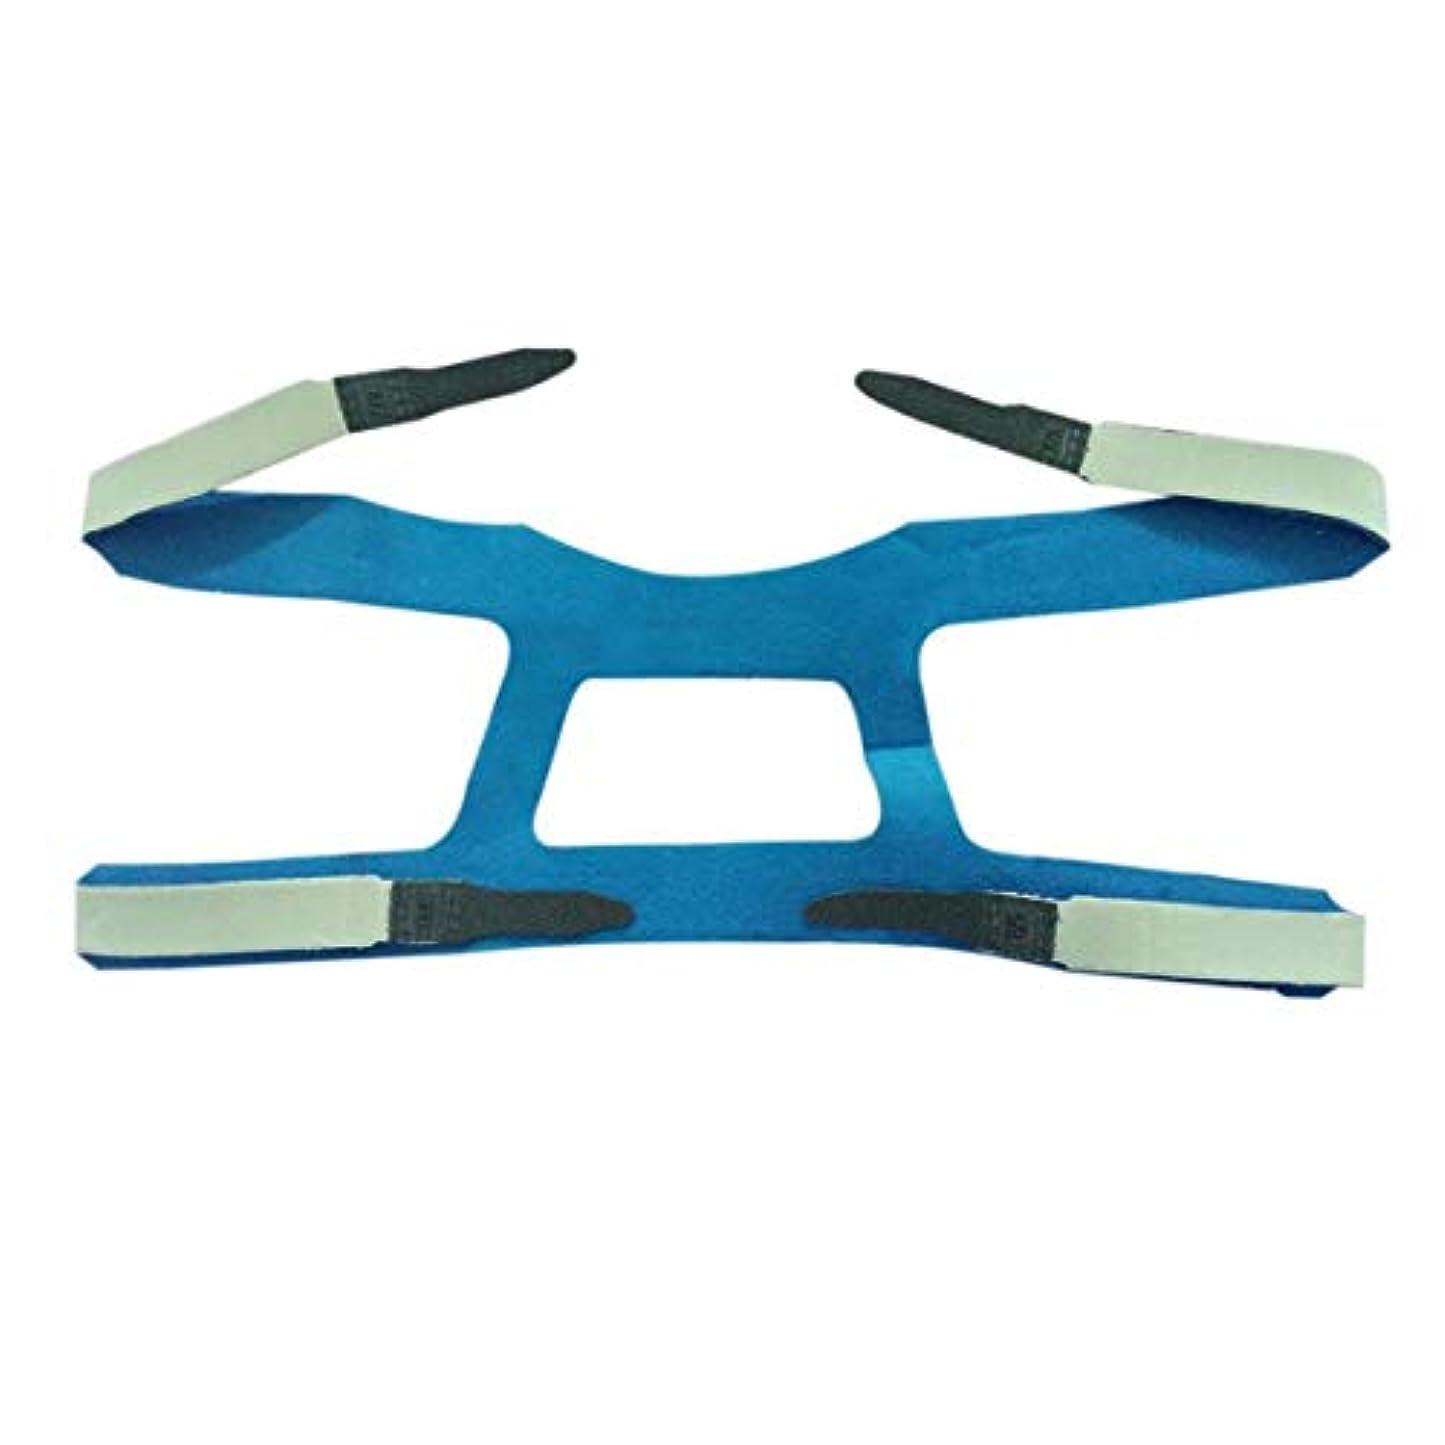 intercorey保護ギアユニバーサルデザインヘッドギアコンフォートジェルフルマスク安全な環境の取り替えCPAPヘッドバンドなしマスク用PHILPS